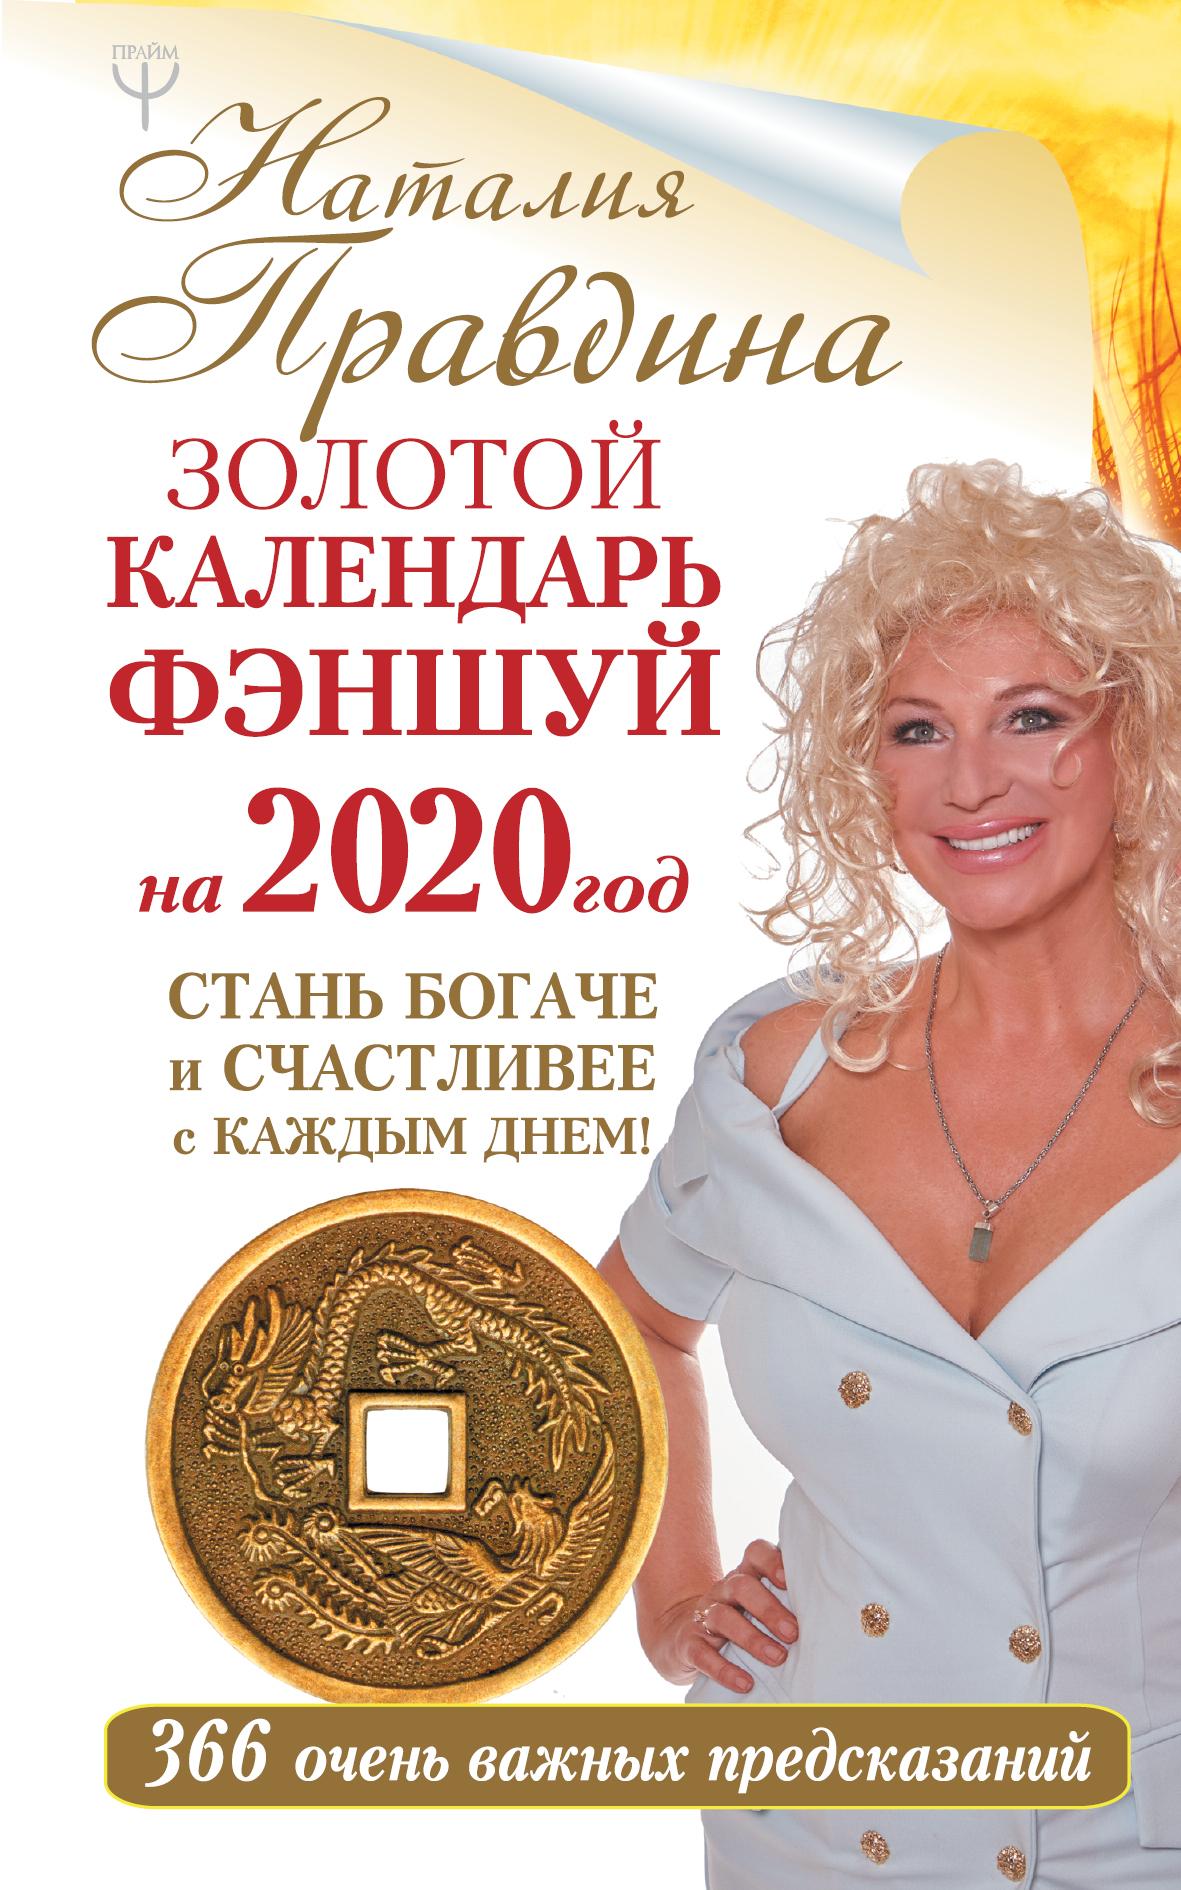 Наталия Правдина Золотой календарь фэншуй на 2020 год. 366 очень важных предсказаний. Стань богаче и счастливее с каждым днем! правдина наталия борисовна привлекаем денежную удачу